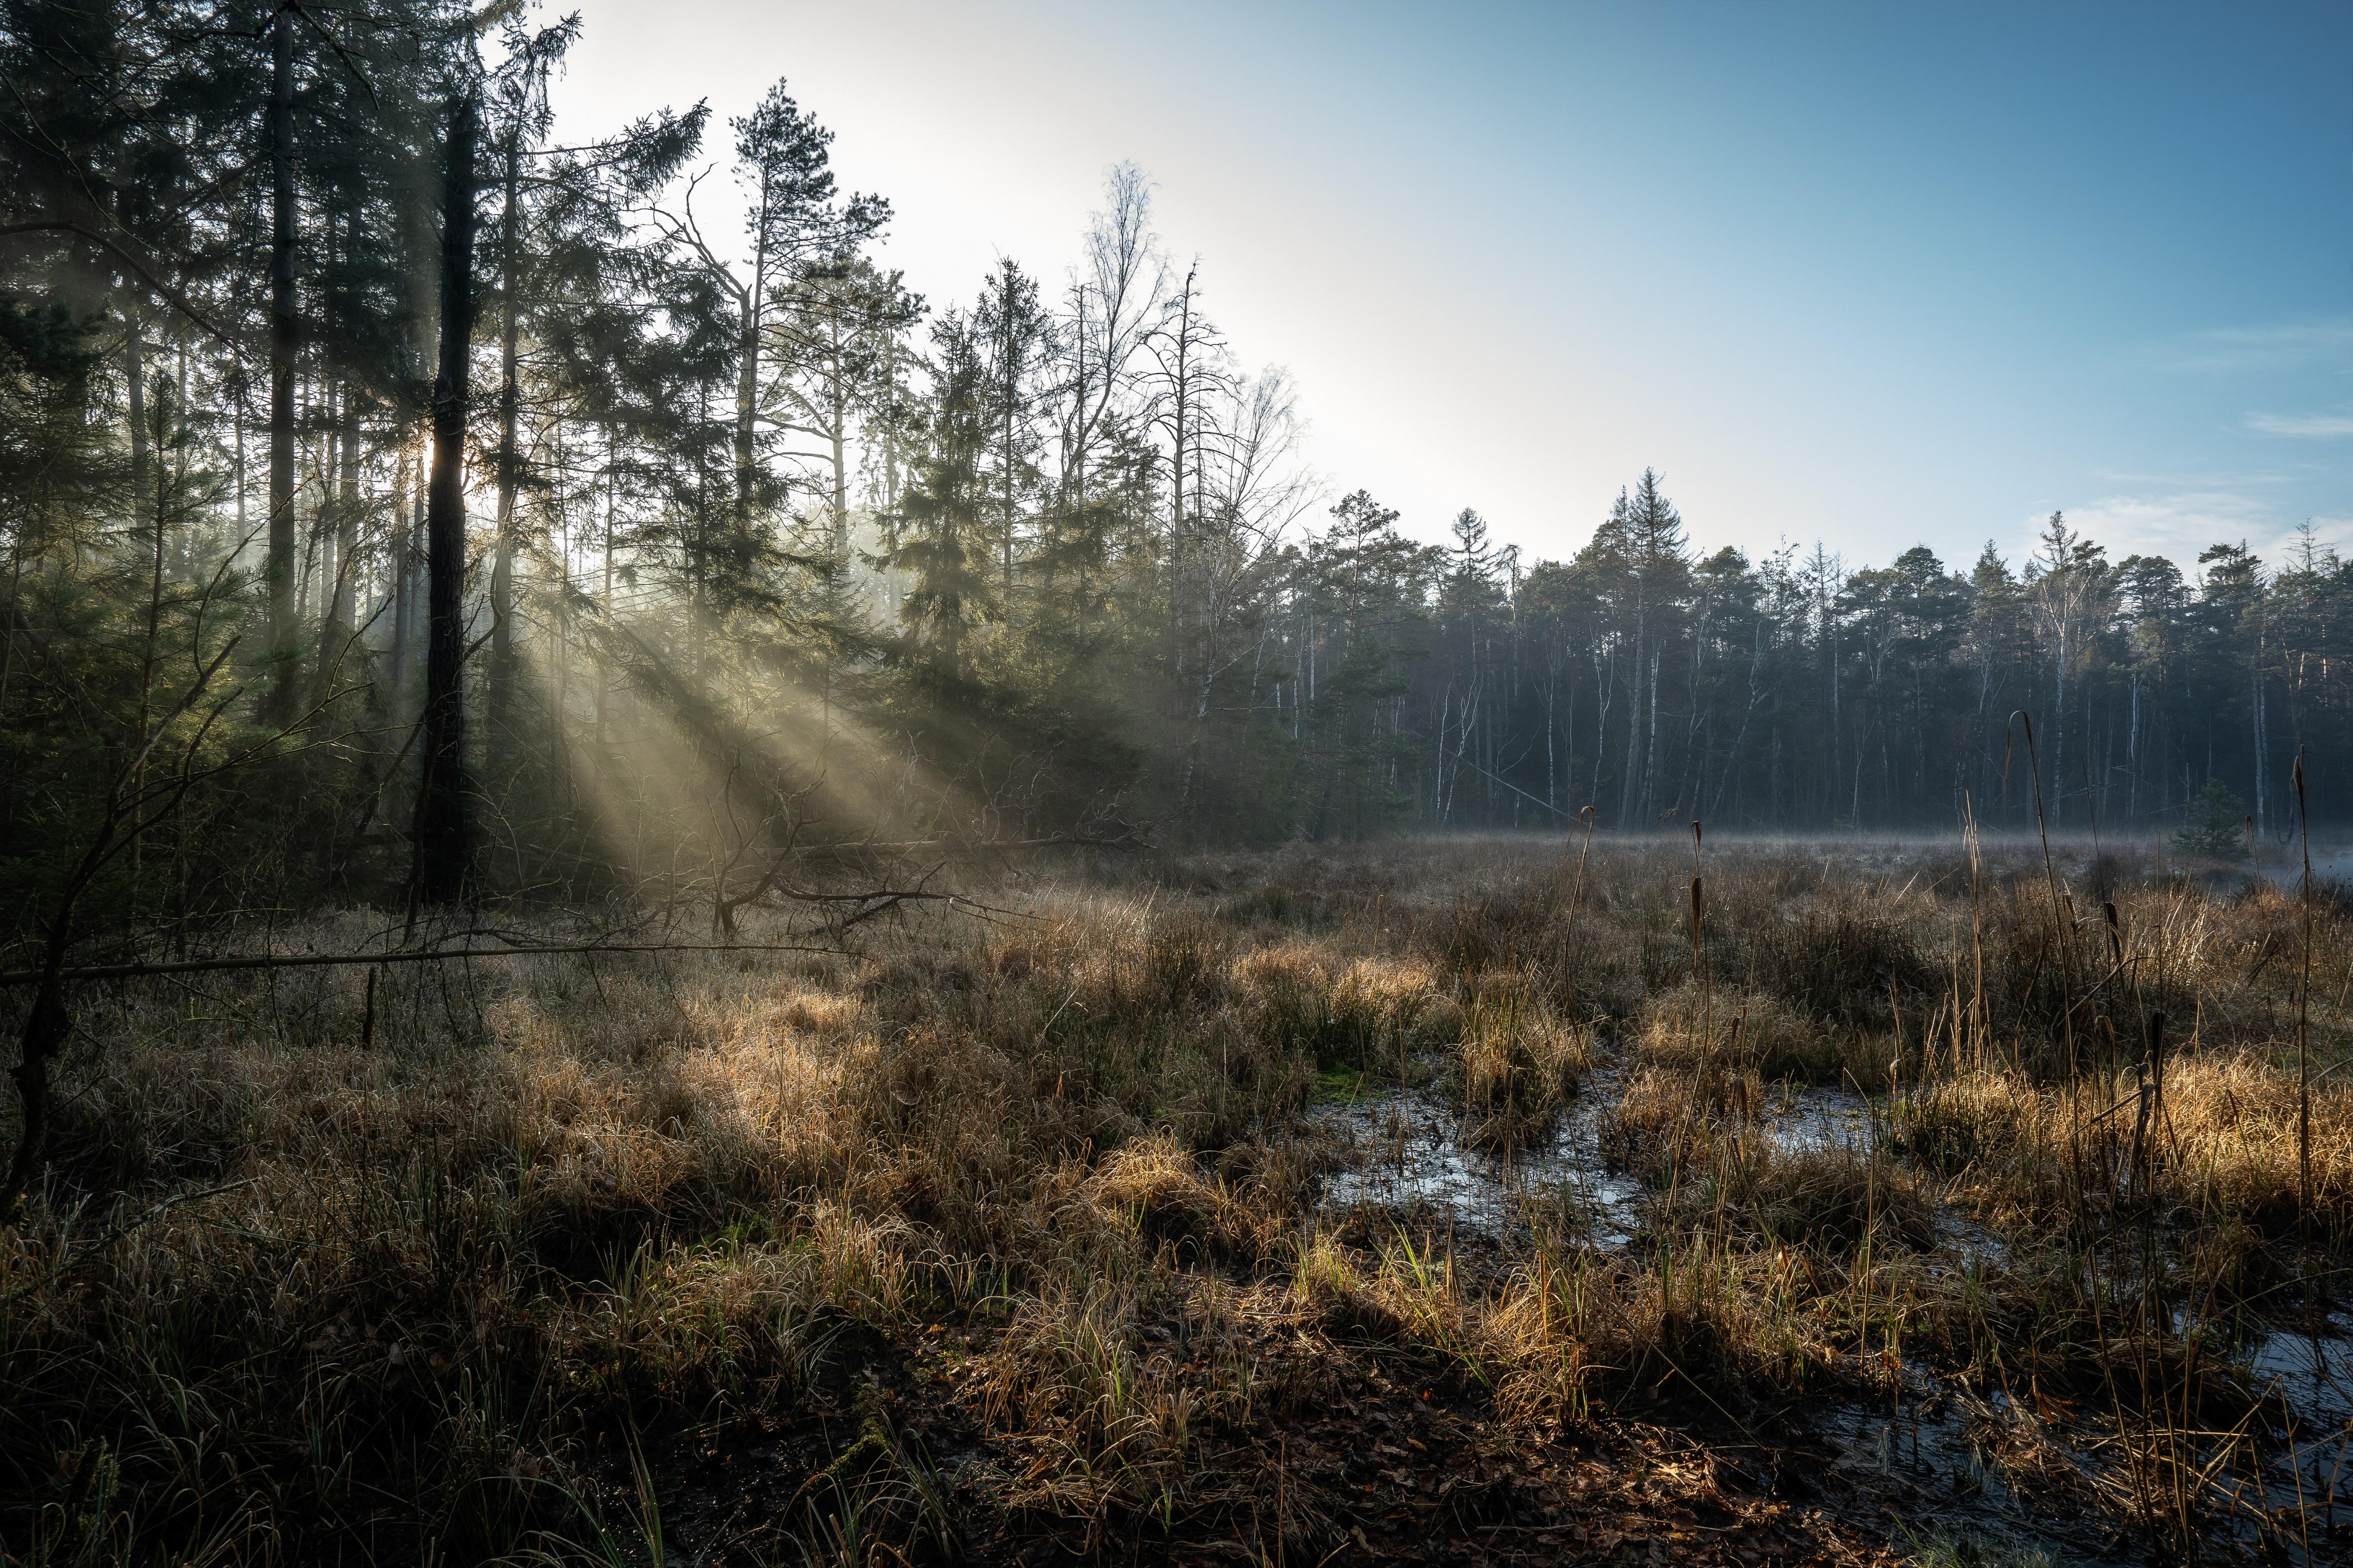 Fotos von Lichtstrahl Deutschland Grossdittmannsdorf, Saxony Natur Sumpf Wälder Bäume Wald